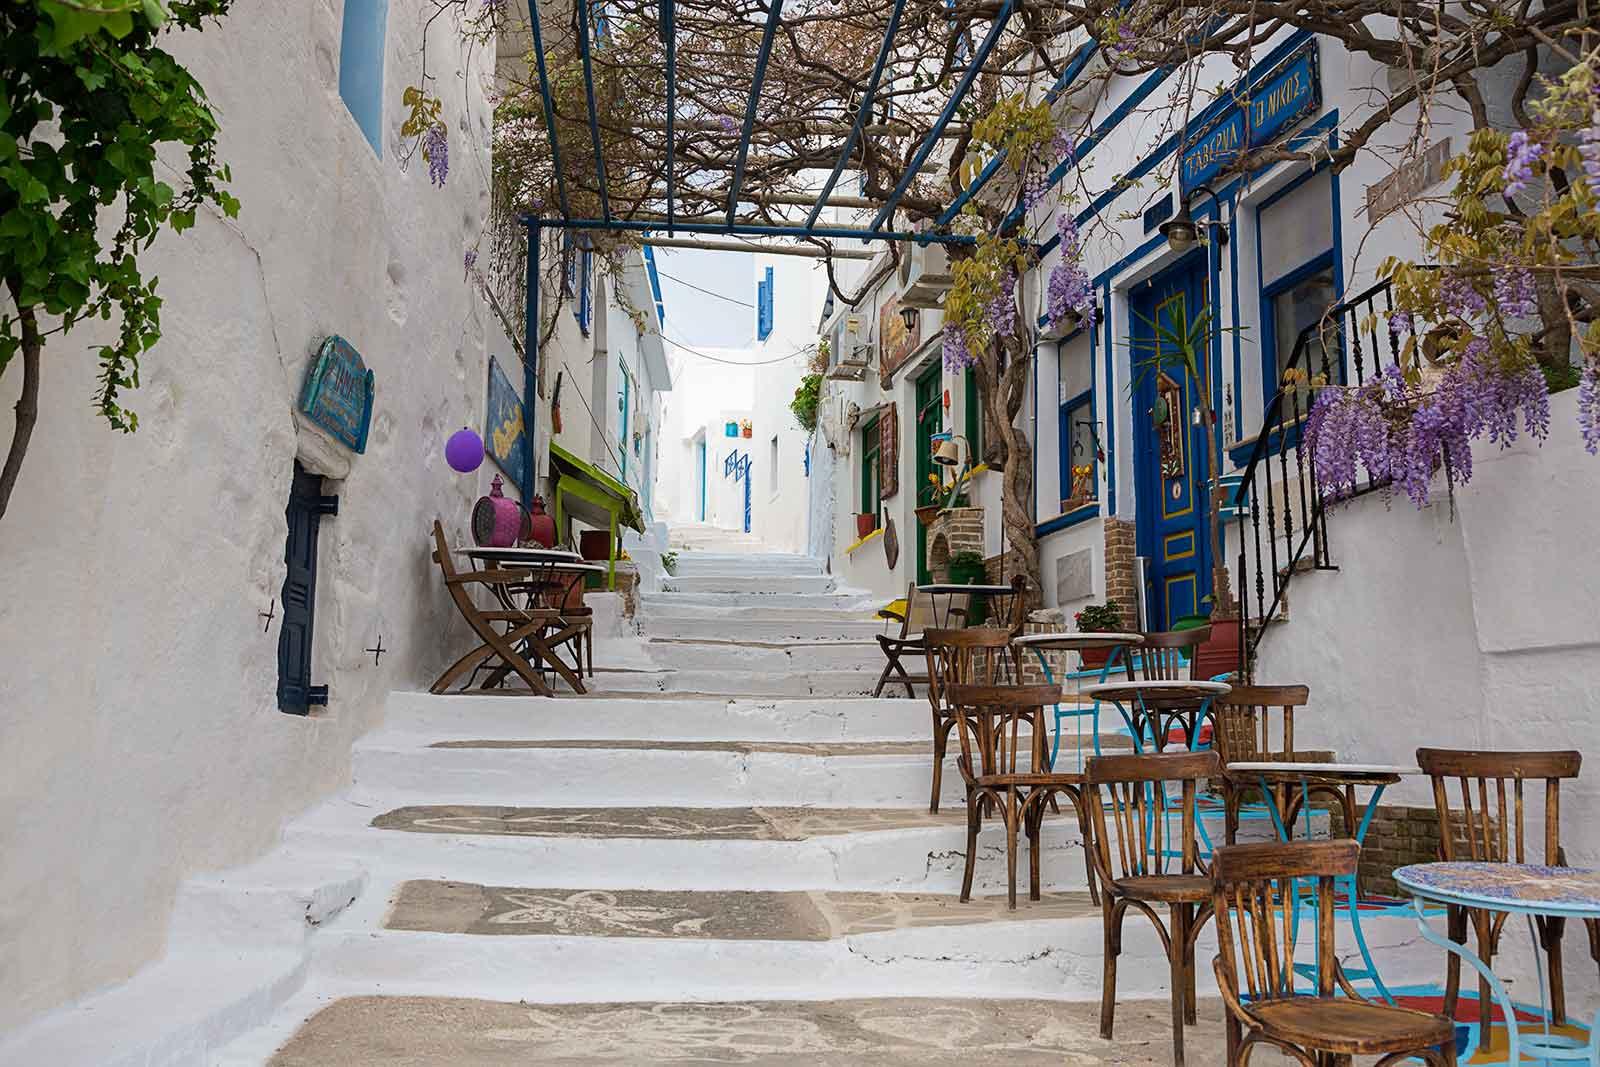 Encontrarás pocas opciones de alojamiento en Chora y también hay muchas cafeterías y tabernas que ofrecen deliciosos platos tradicionales.